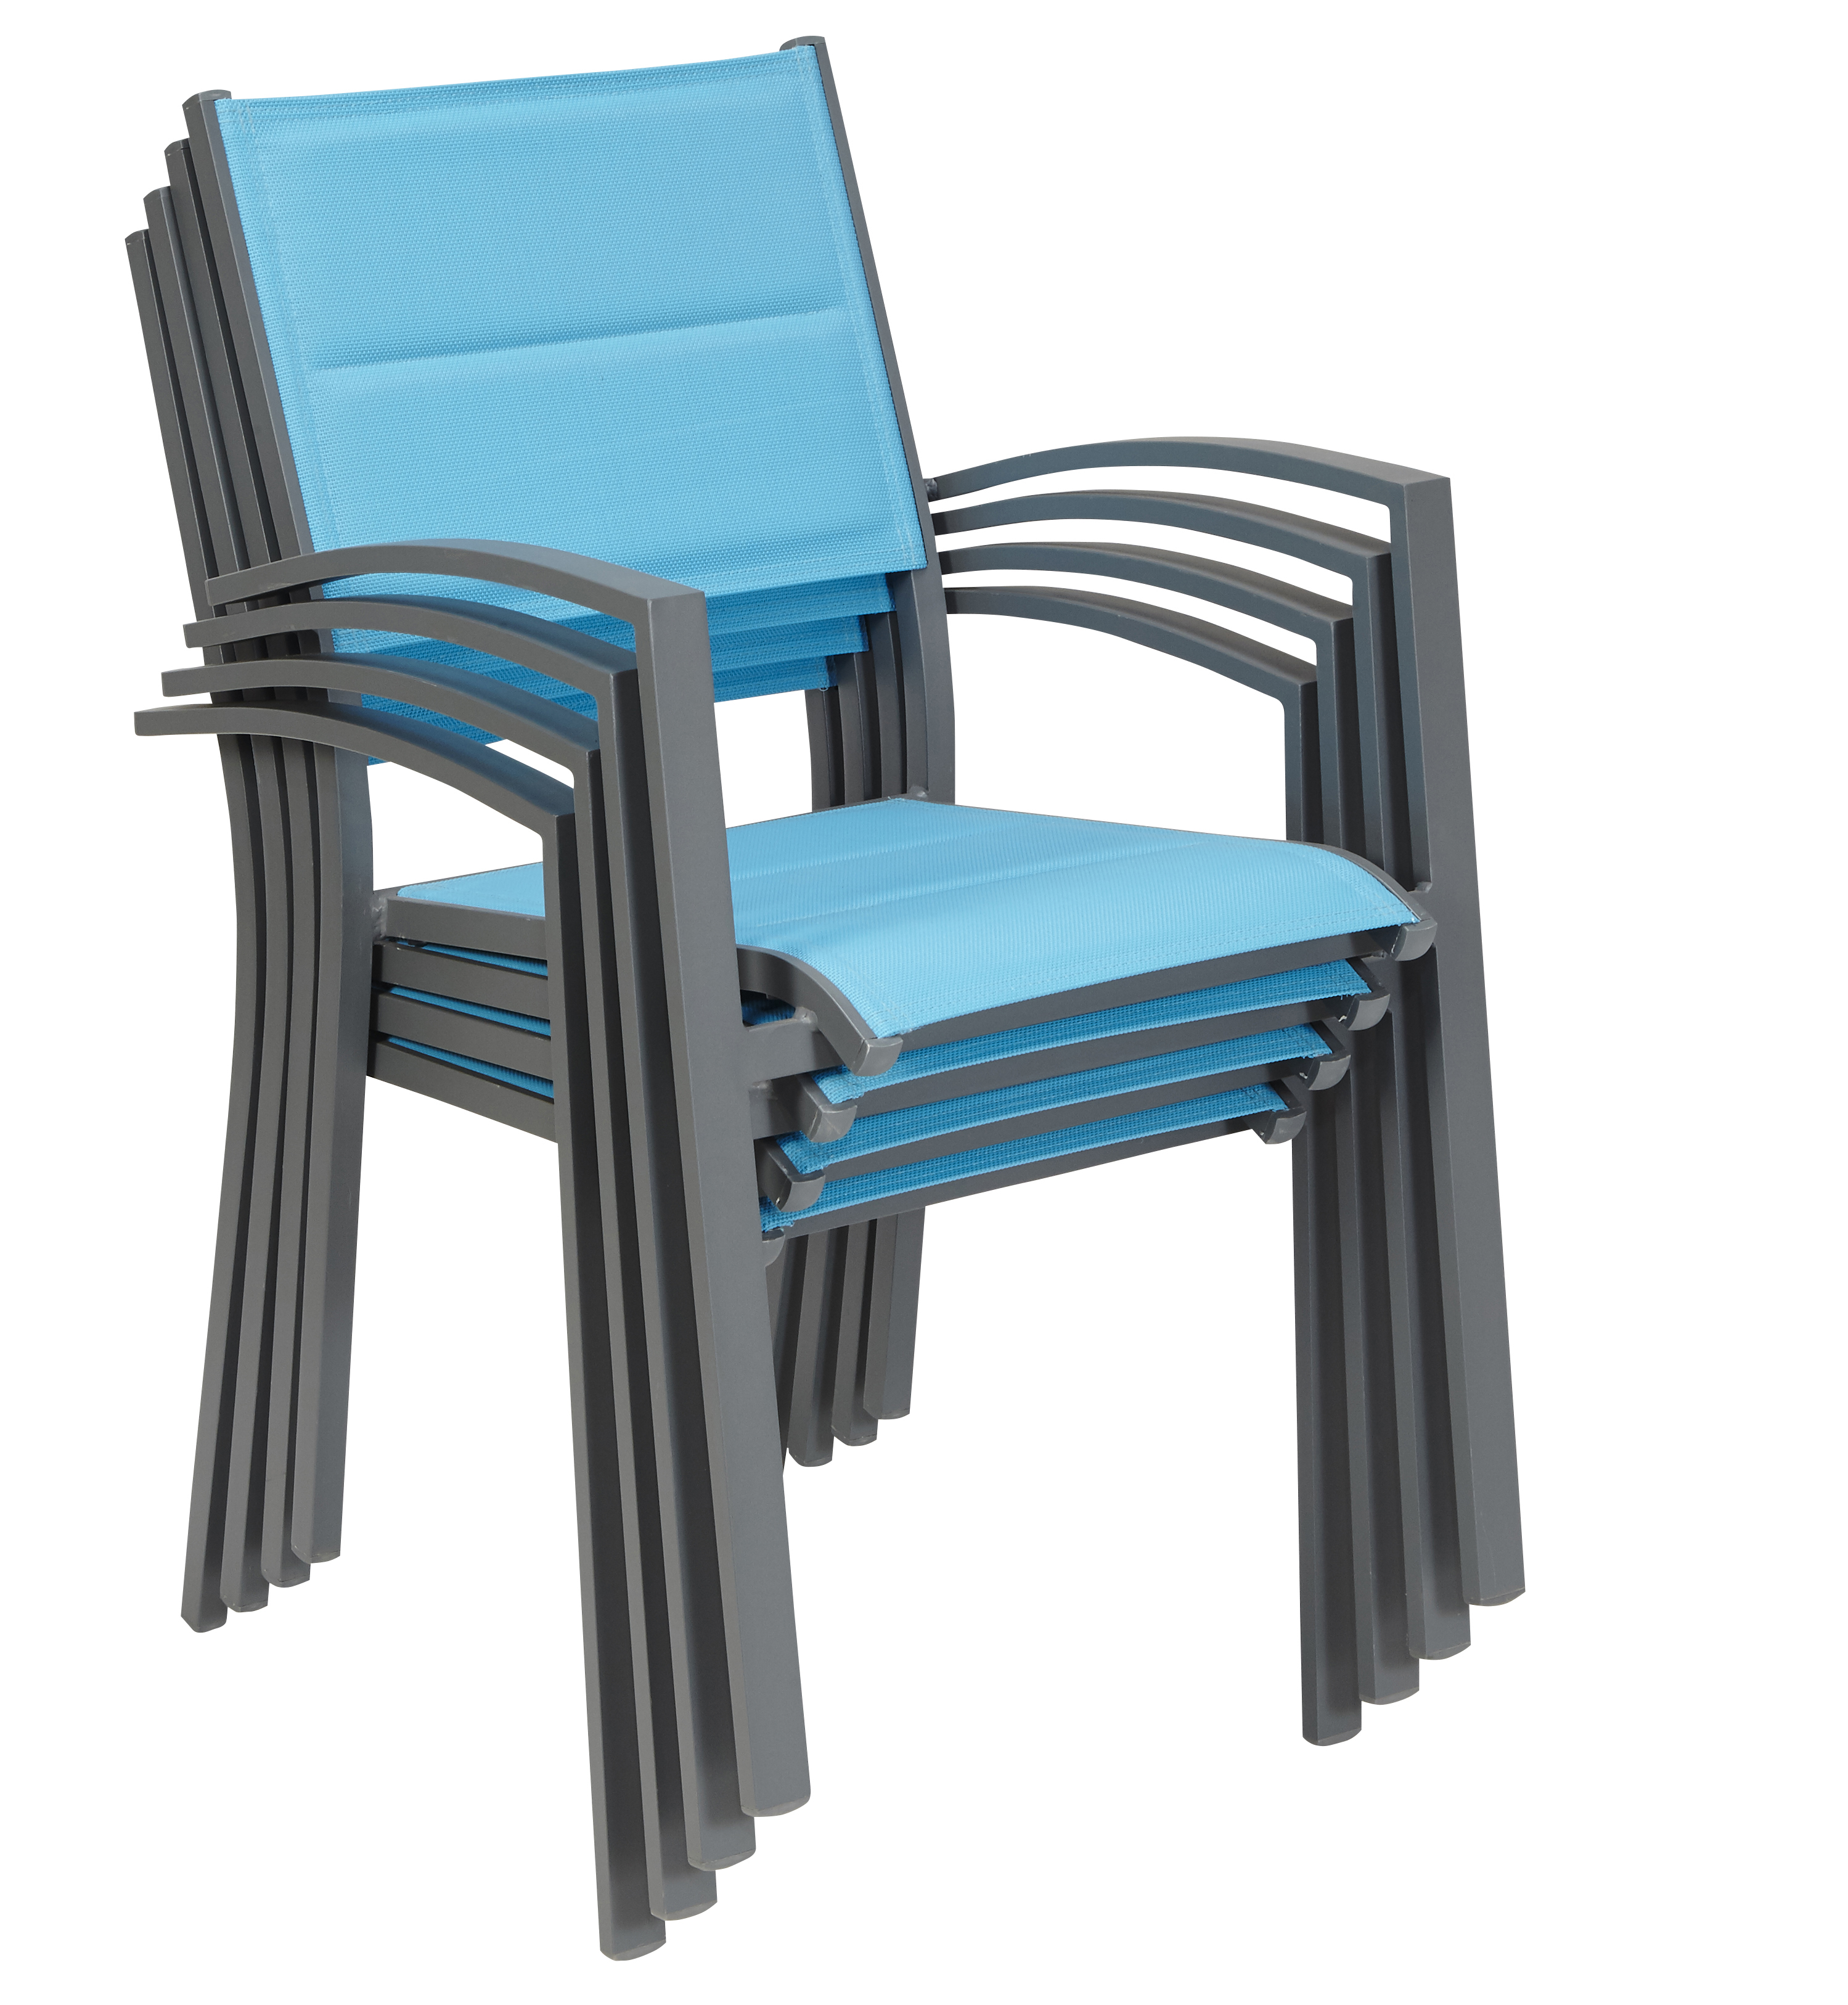 carrefour canberra fauteuil de jardin bleu pas. Black Bedroom Furniture Sets. Home Design Ideas